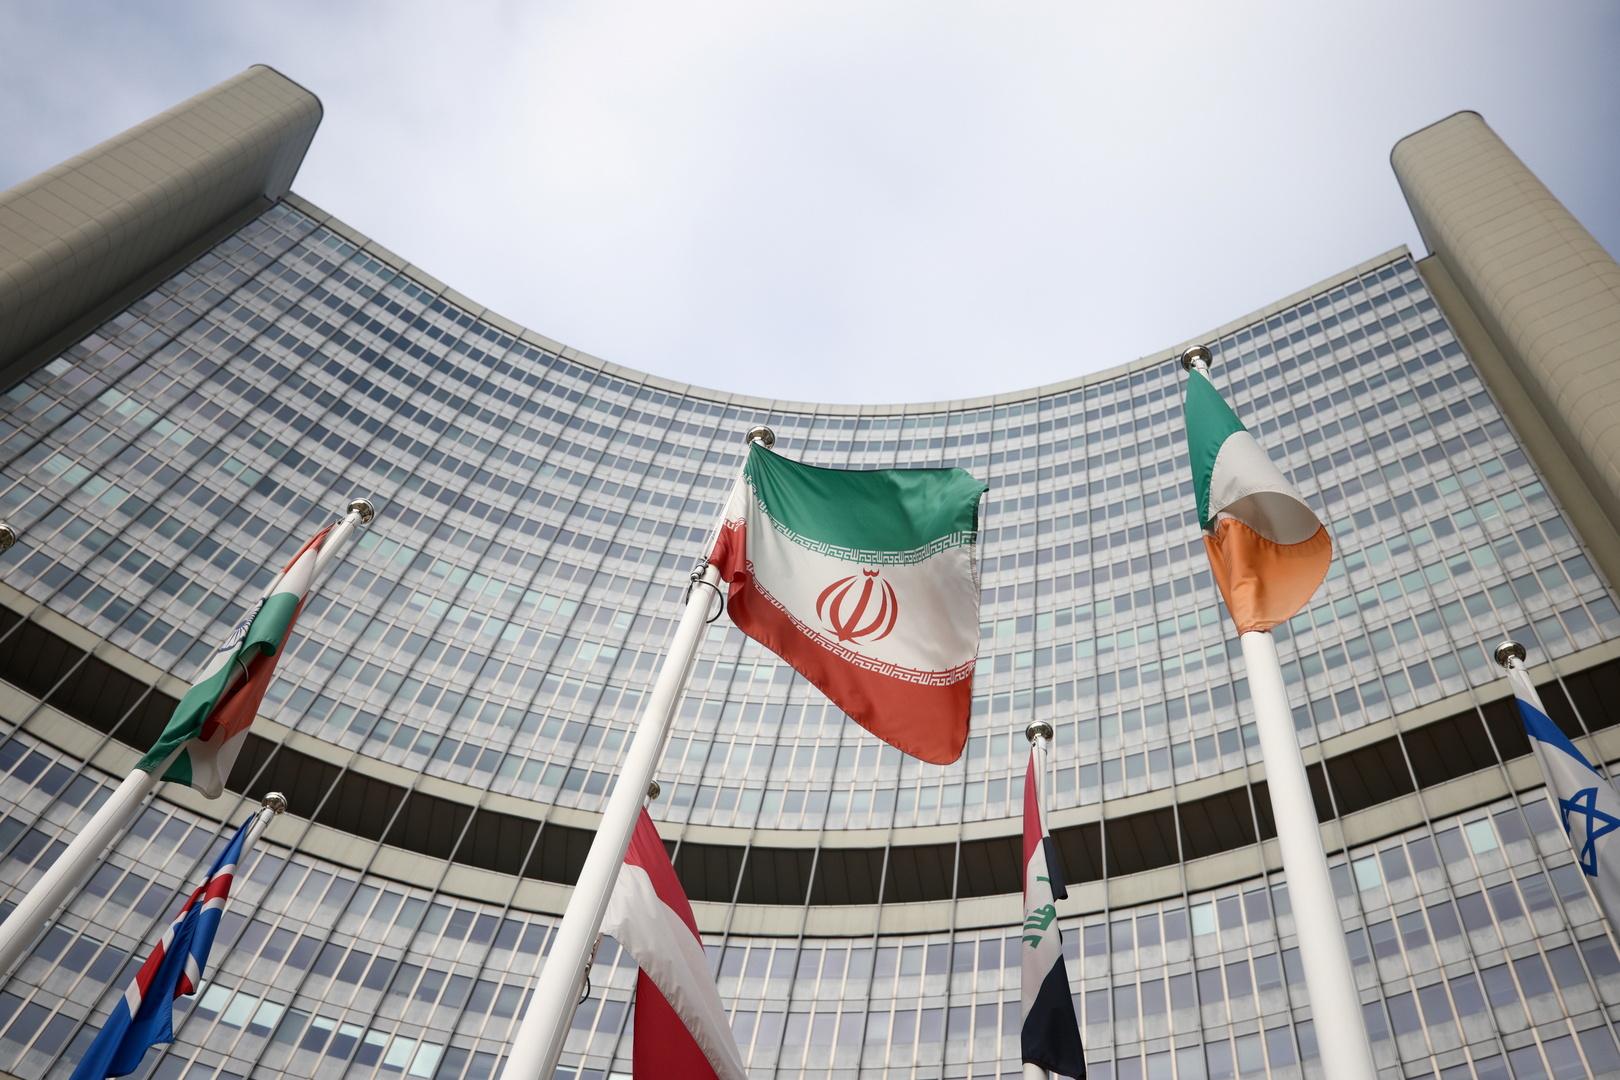 روسيا: النتائج الأولية لعمل الخبراء في فيينا بشأن إحياء الاتفاق النووي قد تنشر اليوم